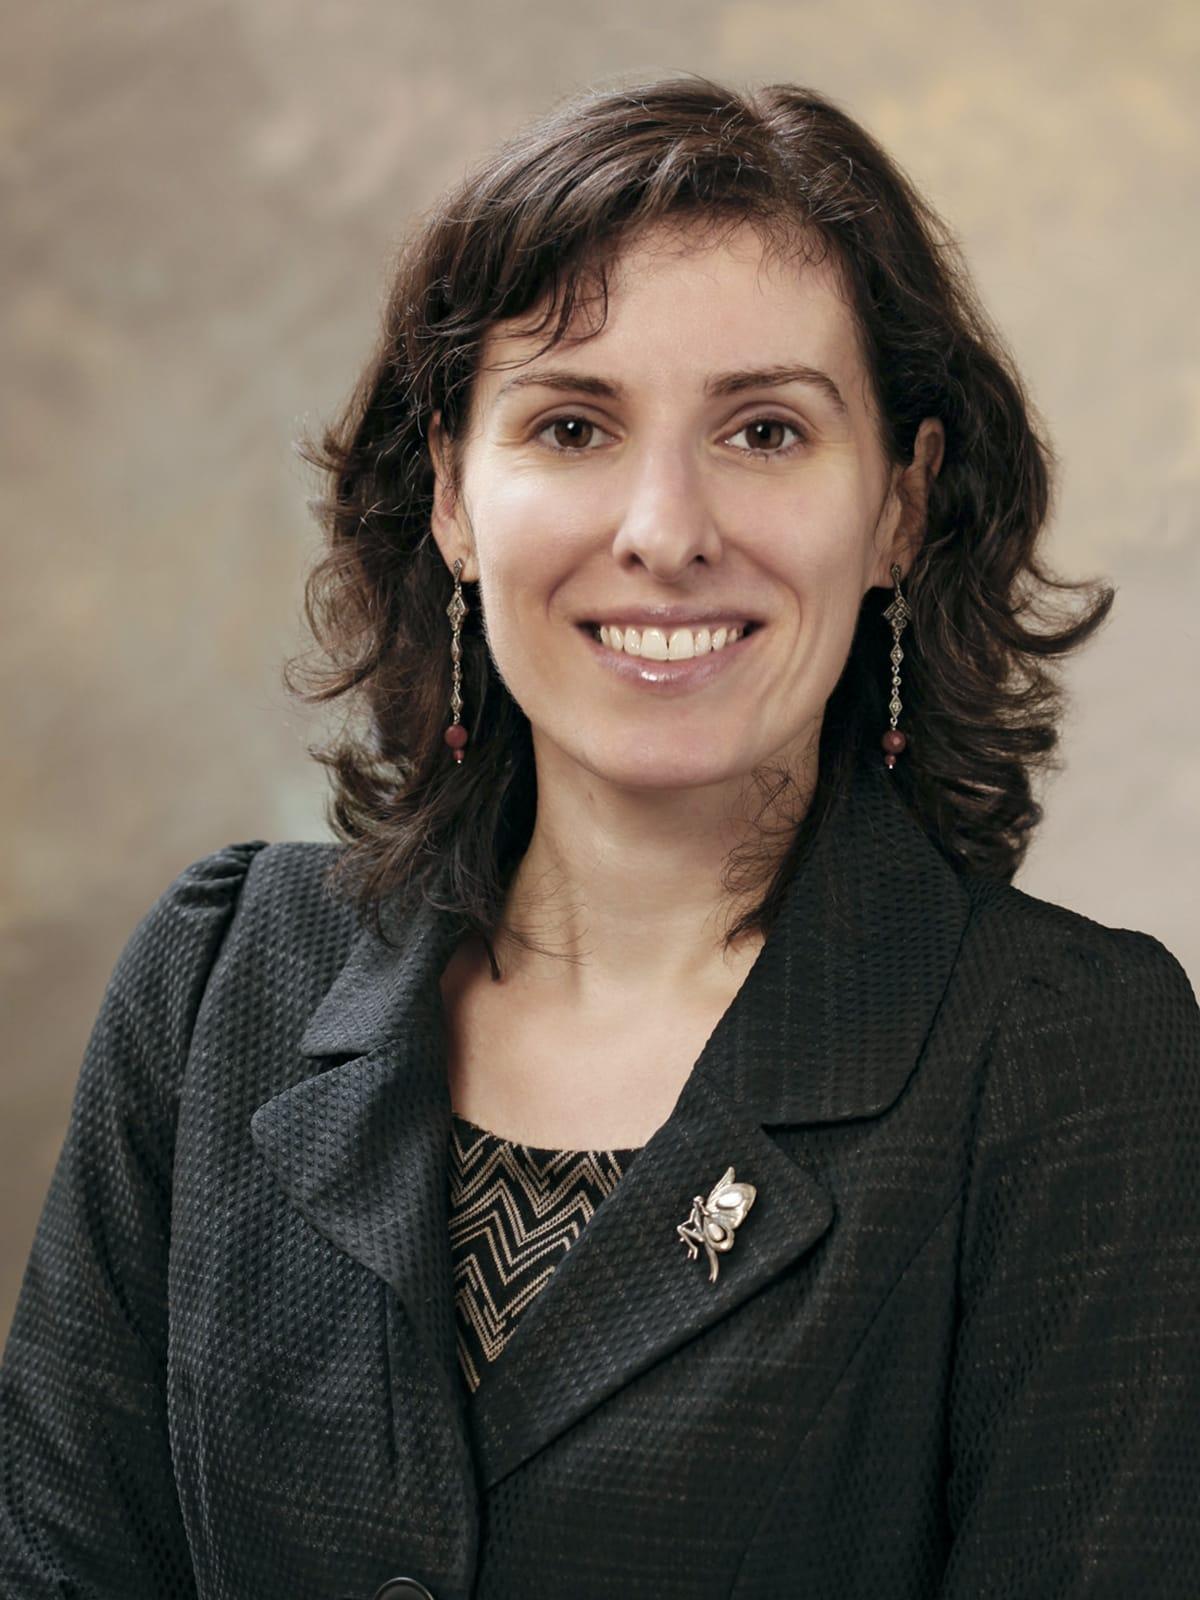 Joanna Gibson